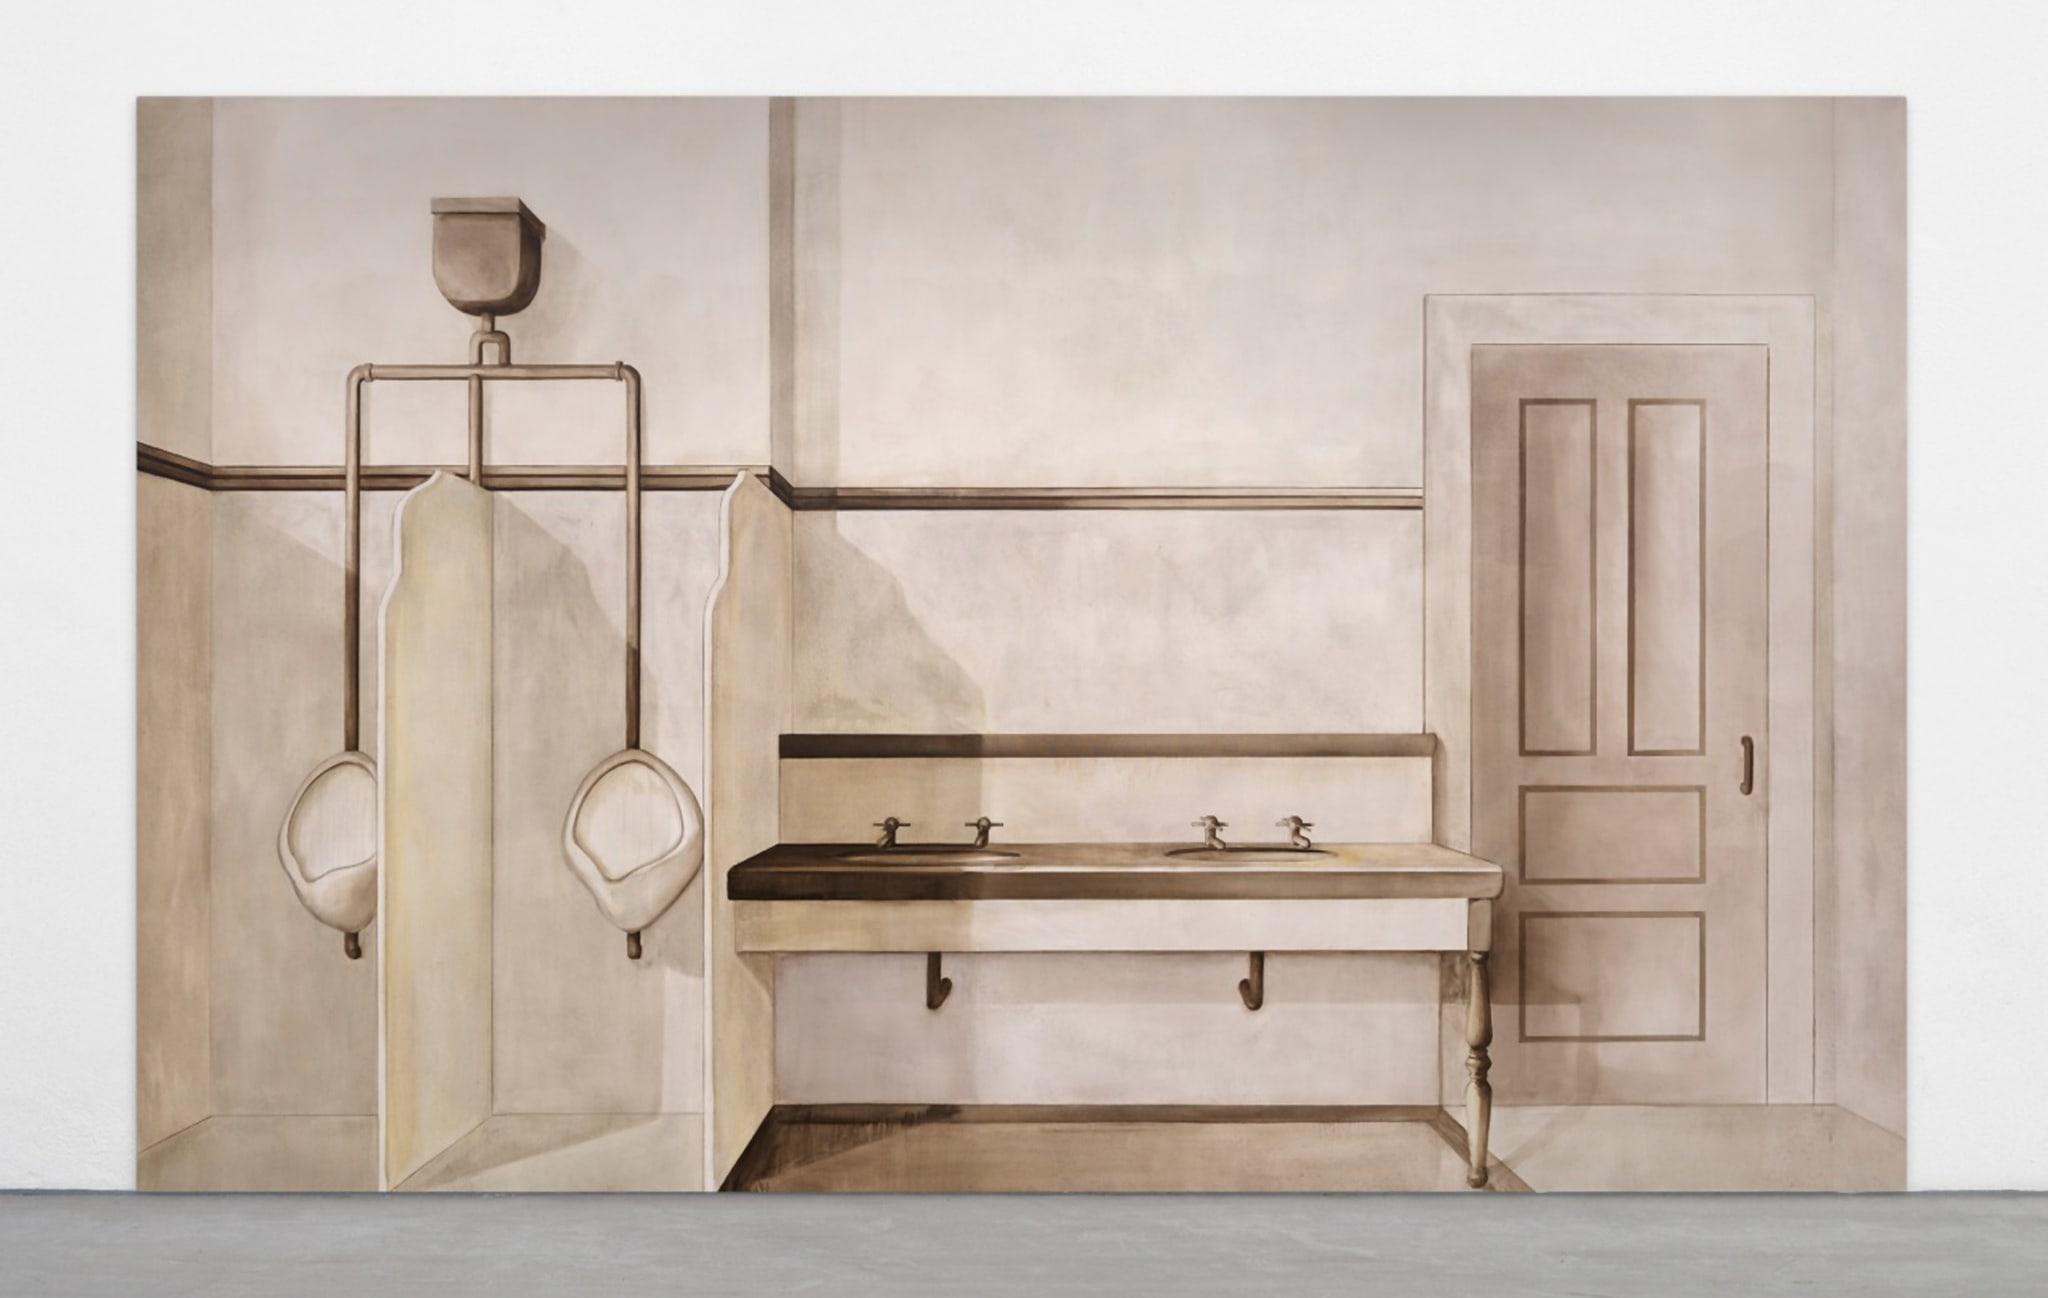 II Stile-Mutt Iron by Paolo Chiasera